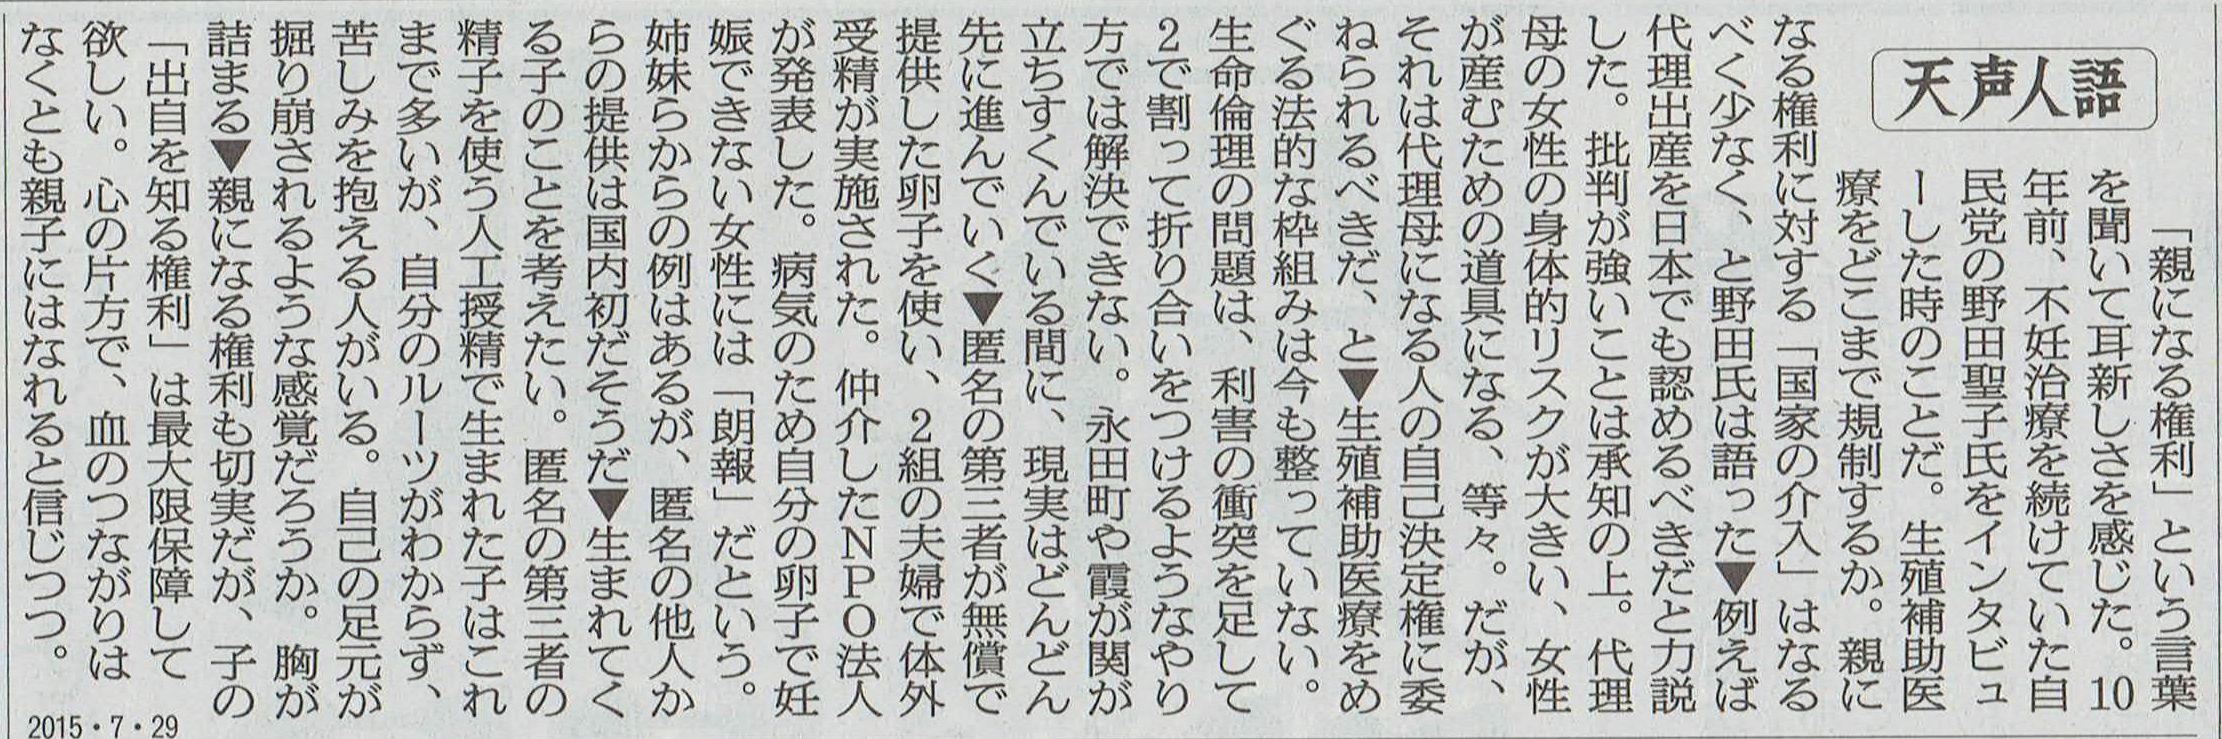 2015年7月29日 沖縄中学校同級生 金城幸栄君から中元にマンゴ その3_d0249595_612248.jpg